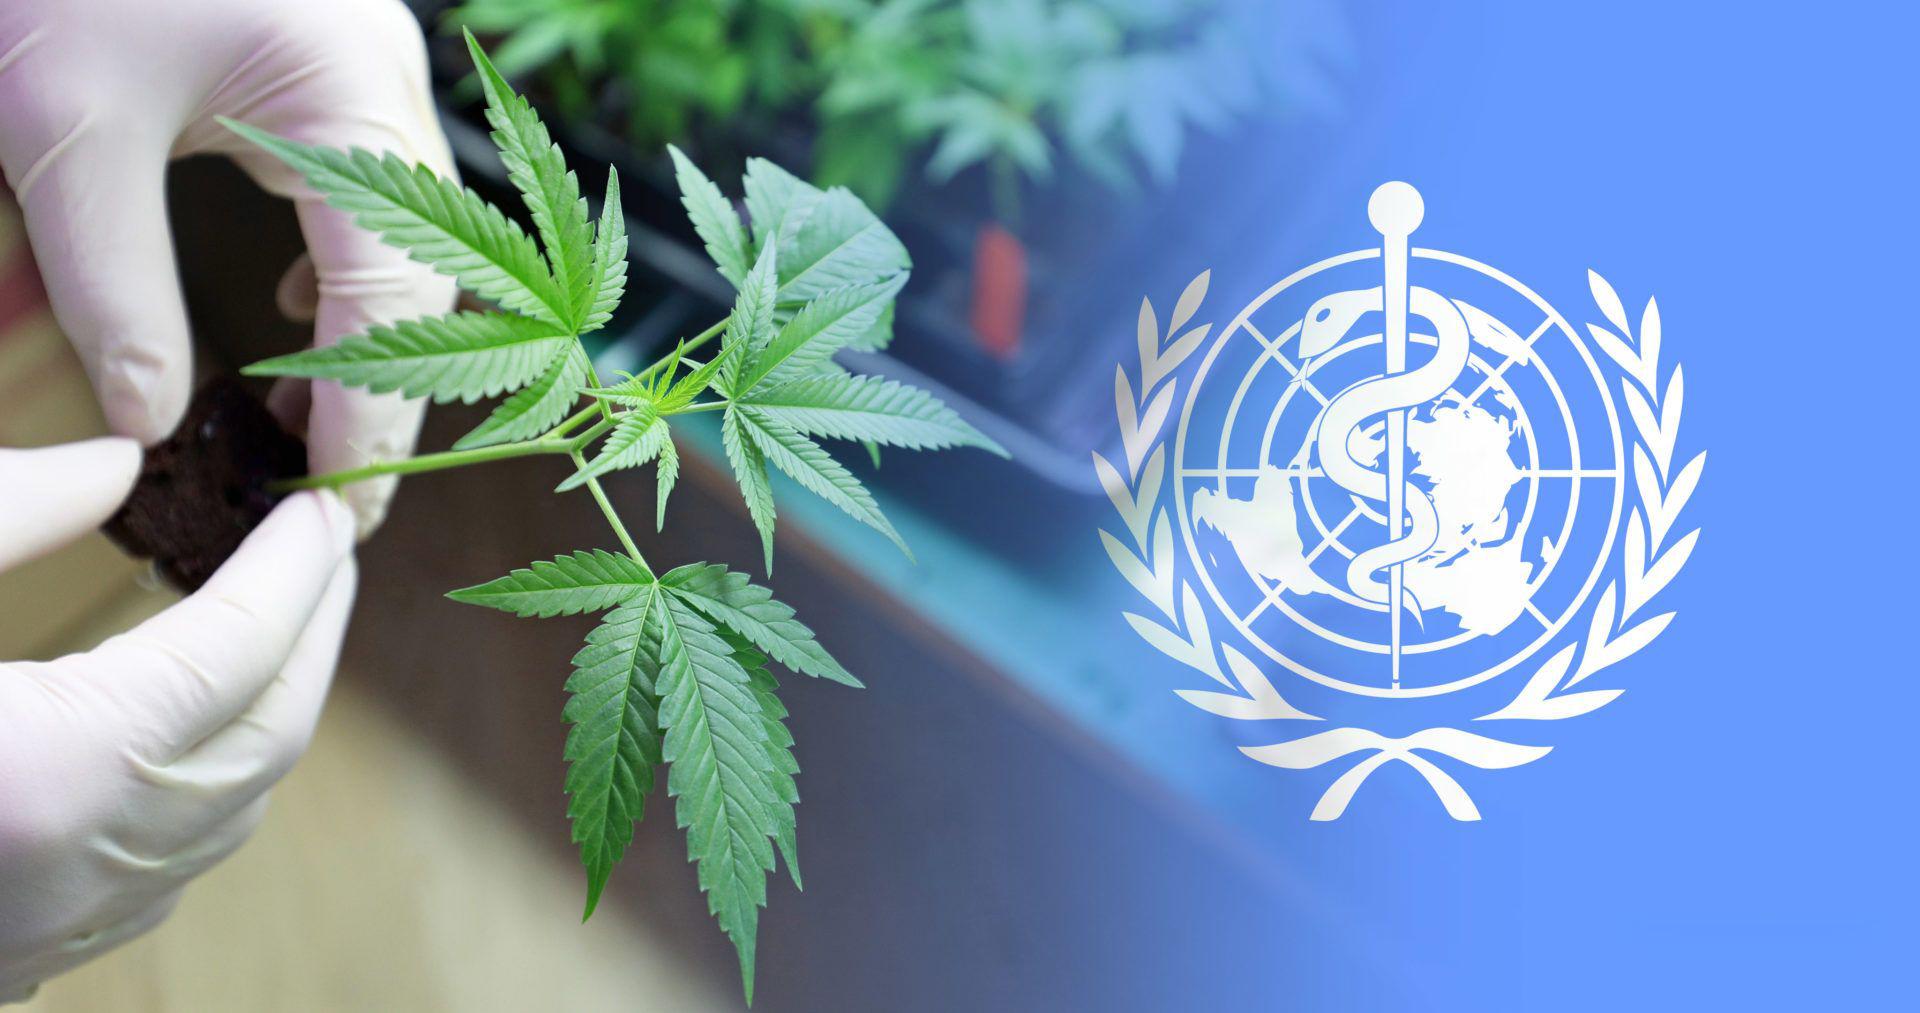 Az ENSZ nyilvánosságra hozza a WHO kannabisz szabályozásáról szavazó országok listáját | Magyar Orvosi Kannabisz Egyesület